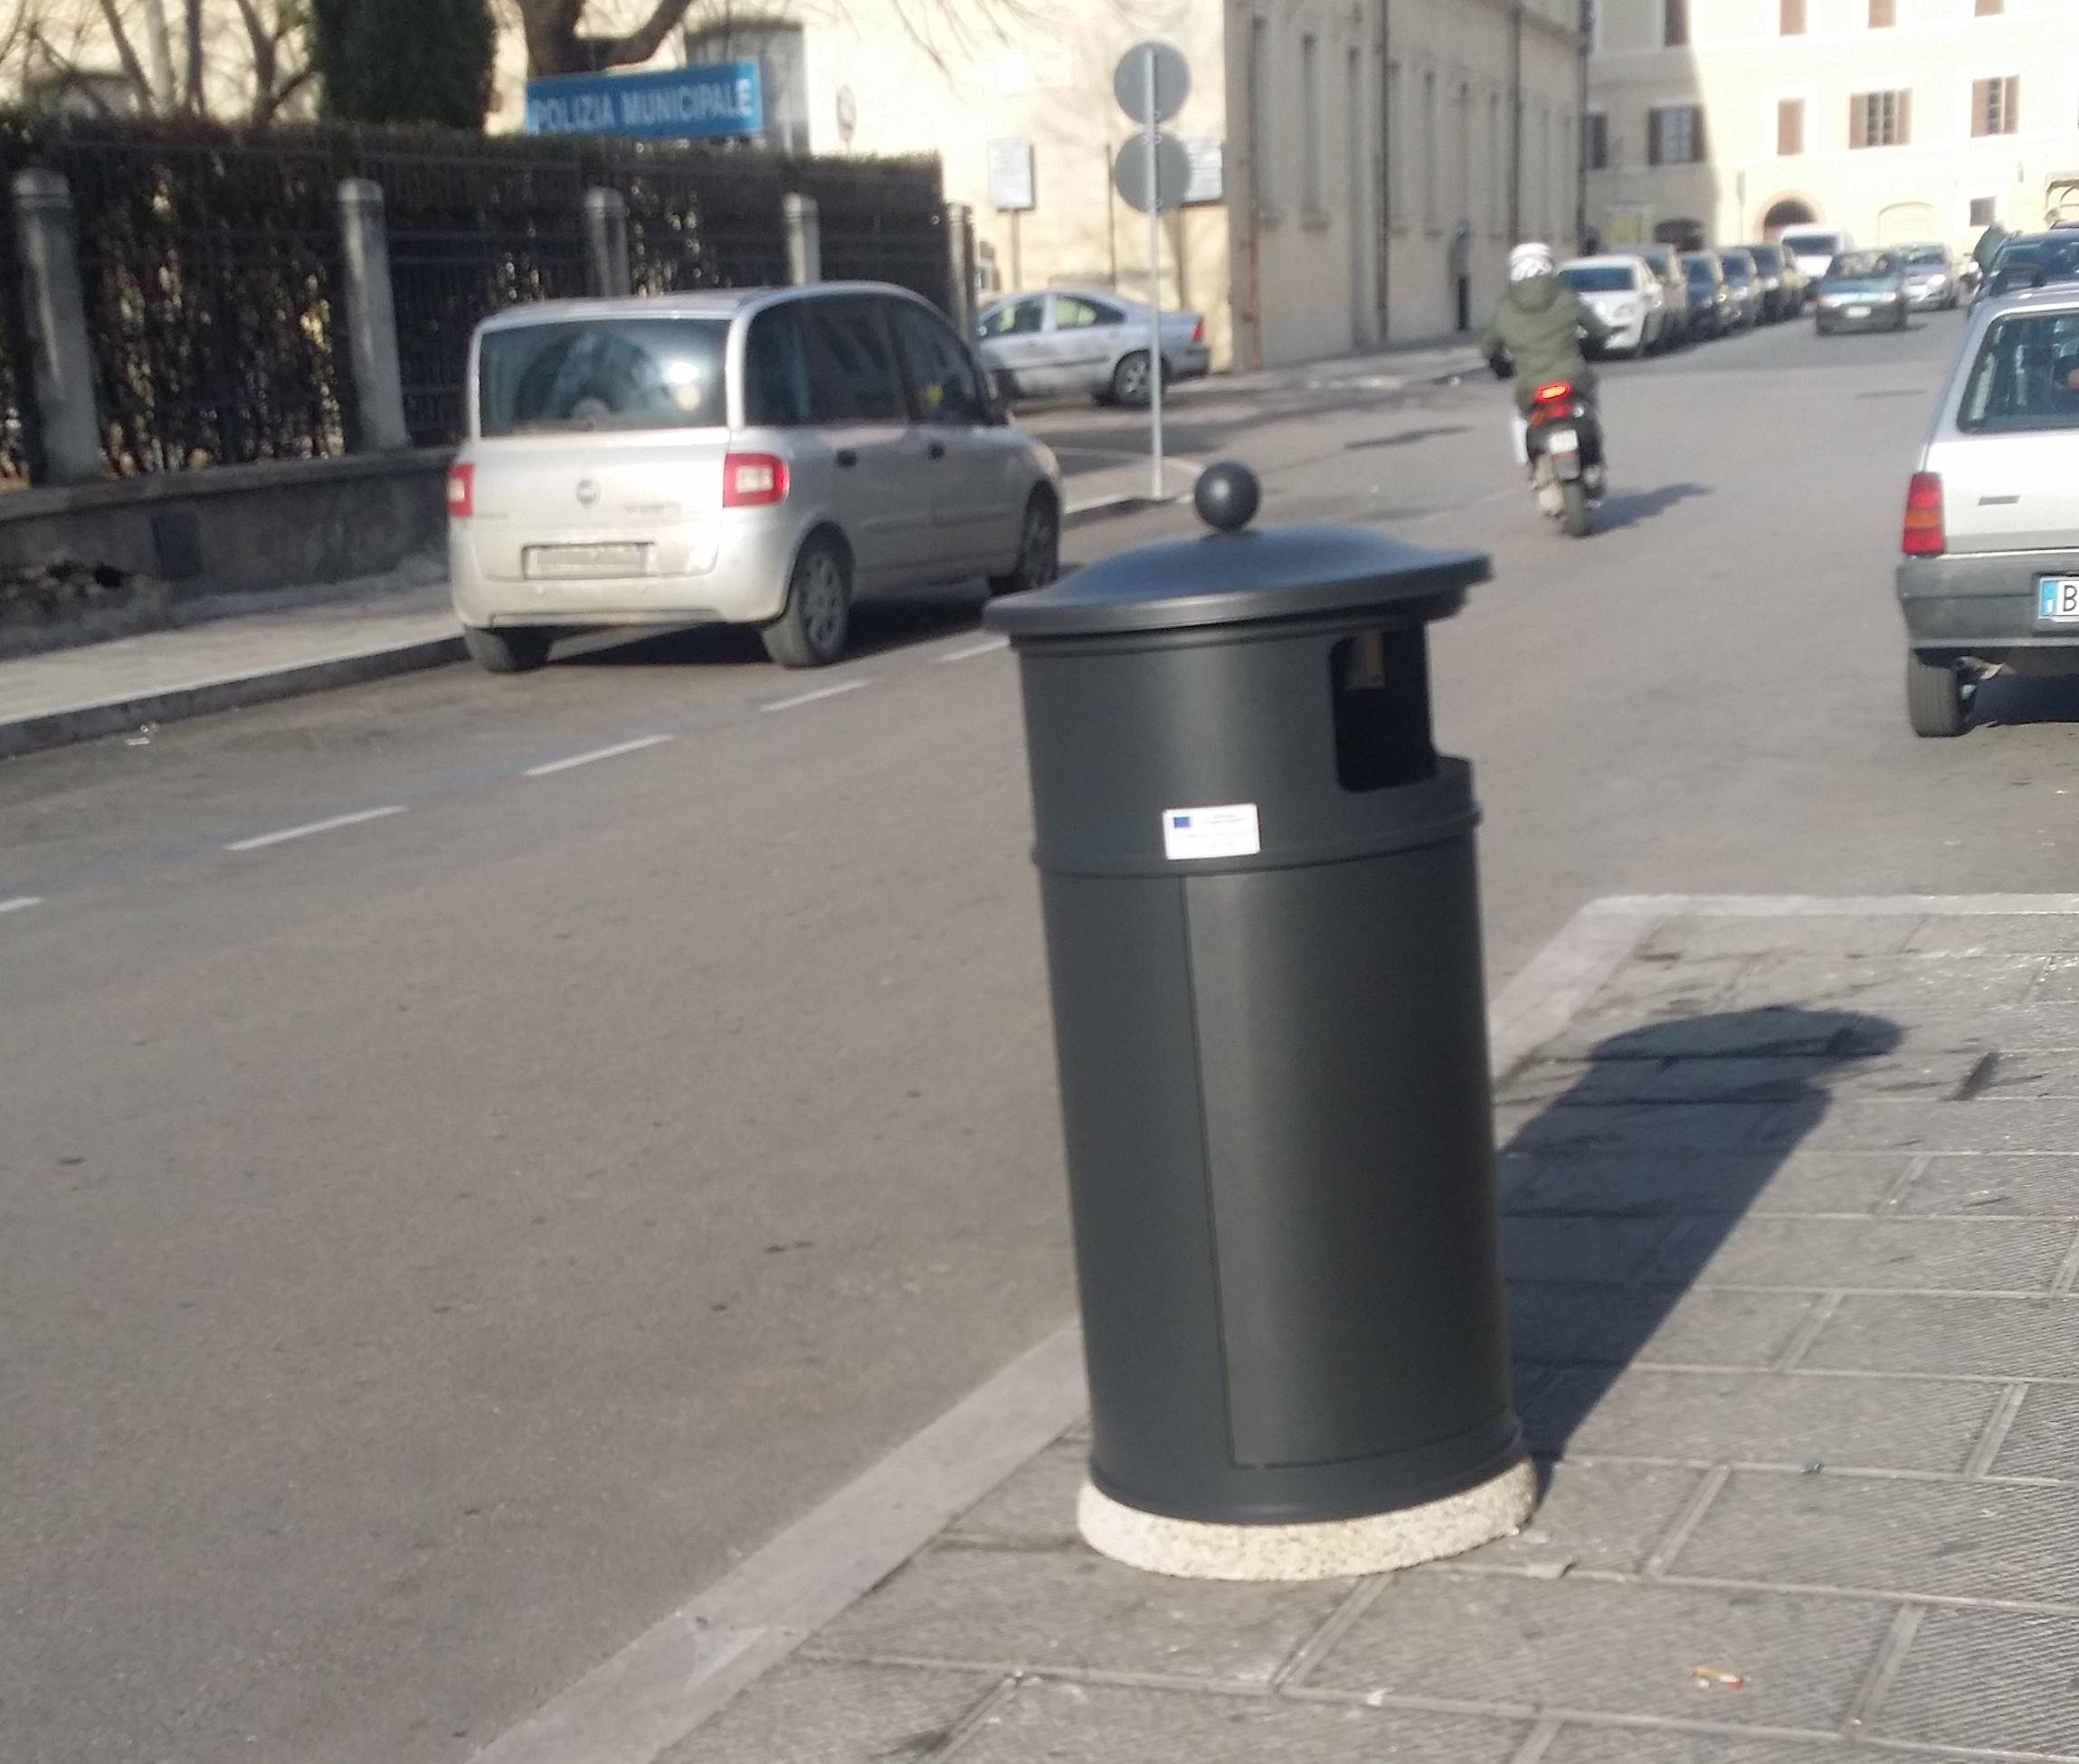 Arredo urbano a foligno arrivano cestini fioriere e for Arredo urbano cestini